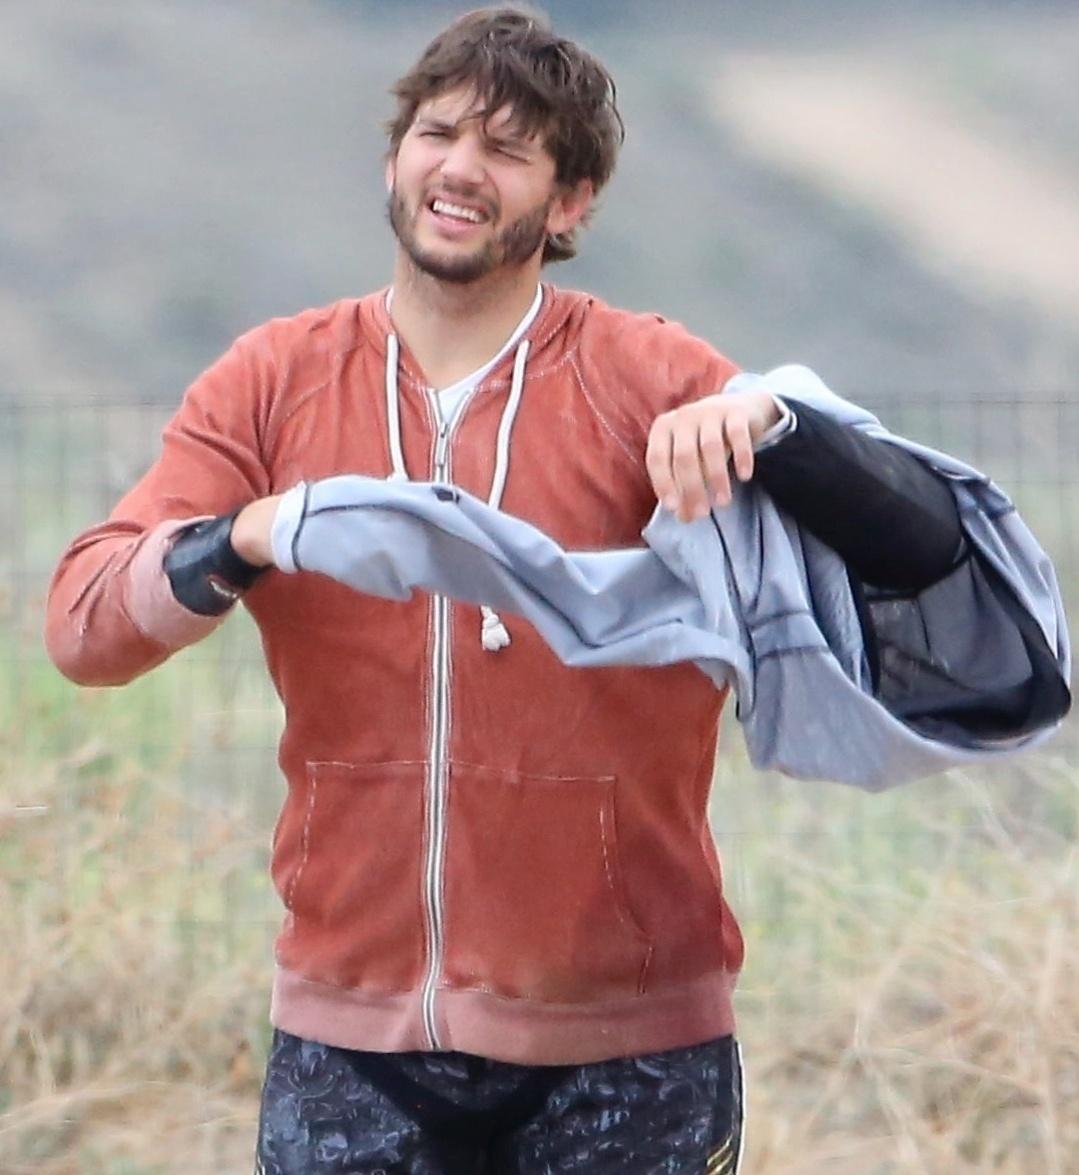 22.mai.2014 - Ashton Kutcher tira jaqueta de motocross após praticar o esporte em um parque próximo de Los Angeles, na Califórnia